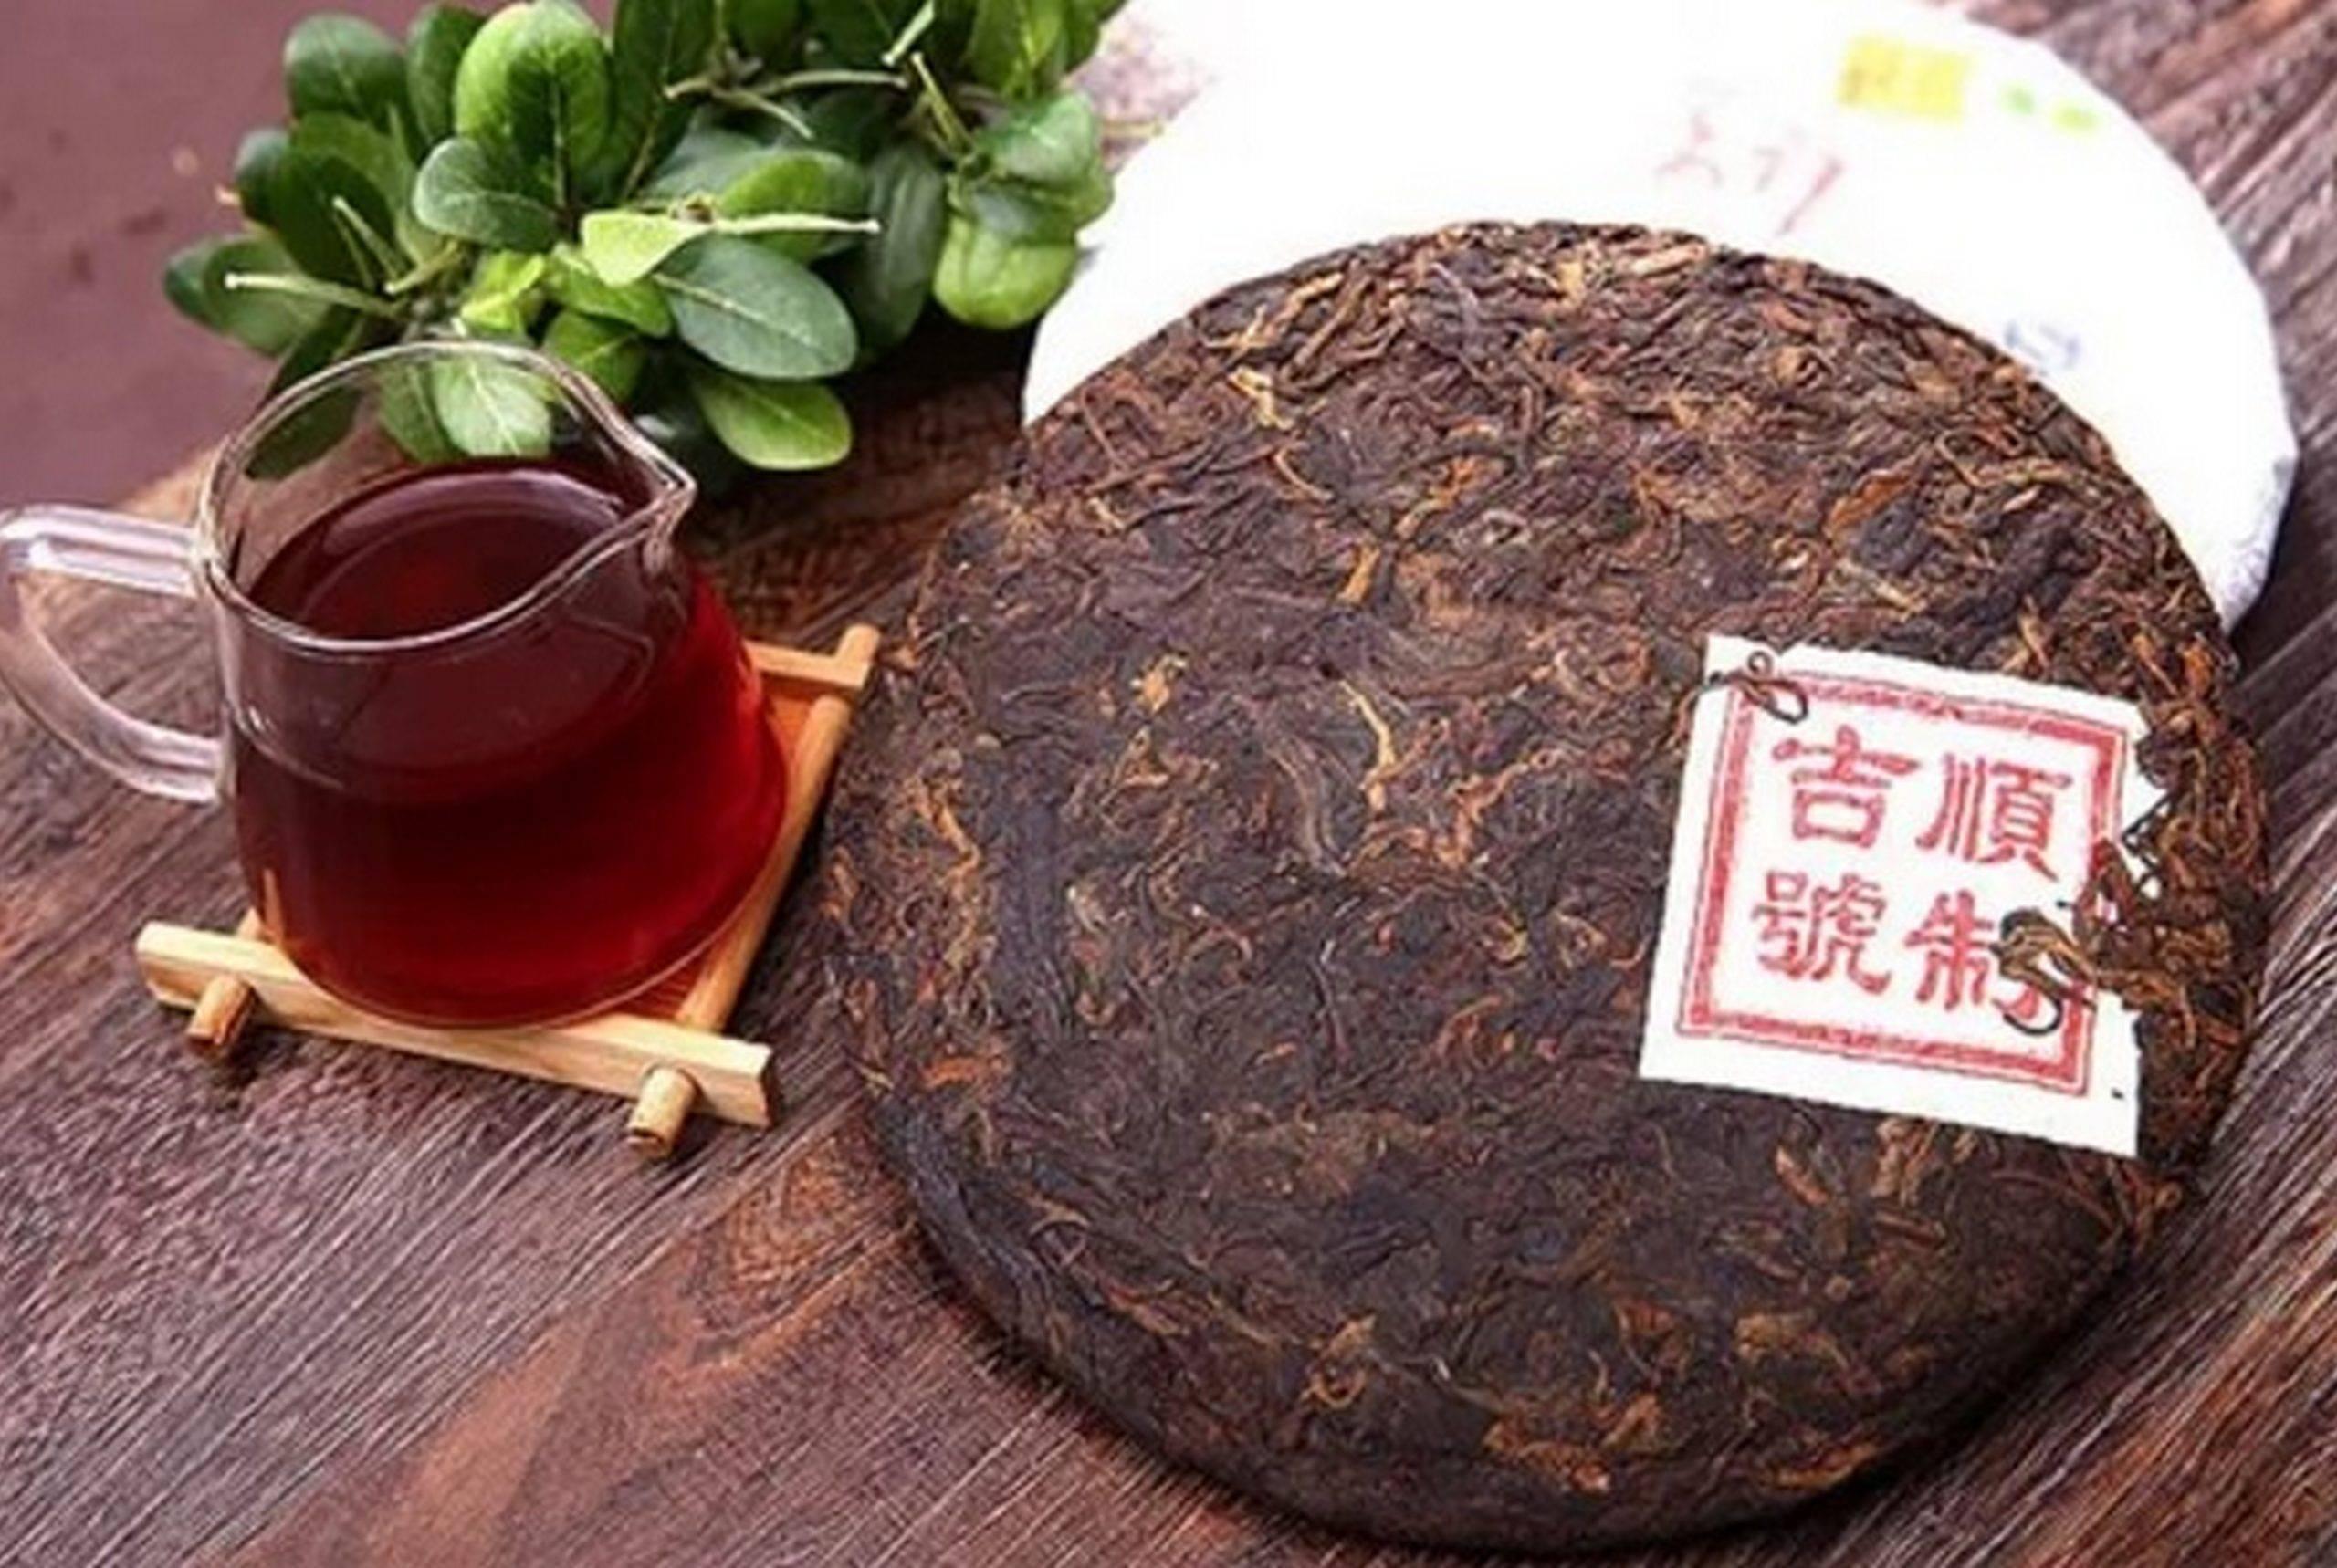 6 сортов китайского чая, которые прут. прет ли пуэр? баста врет?